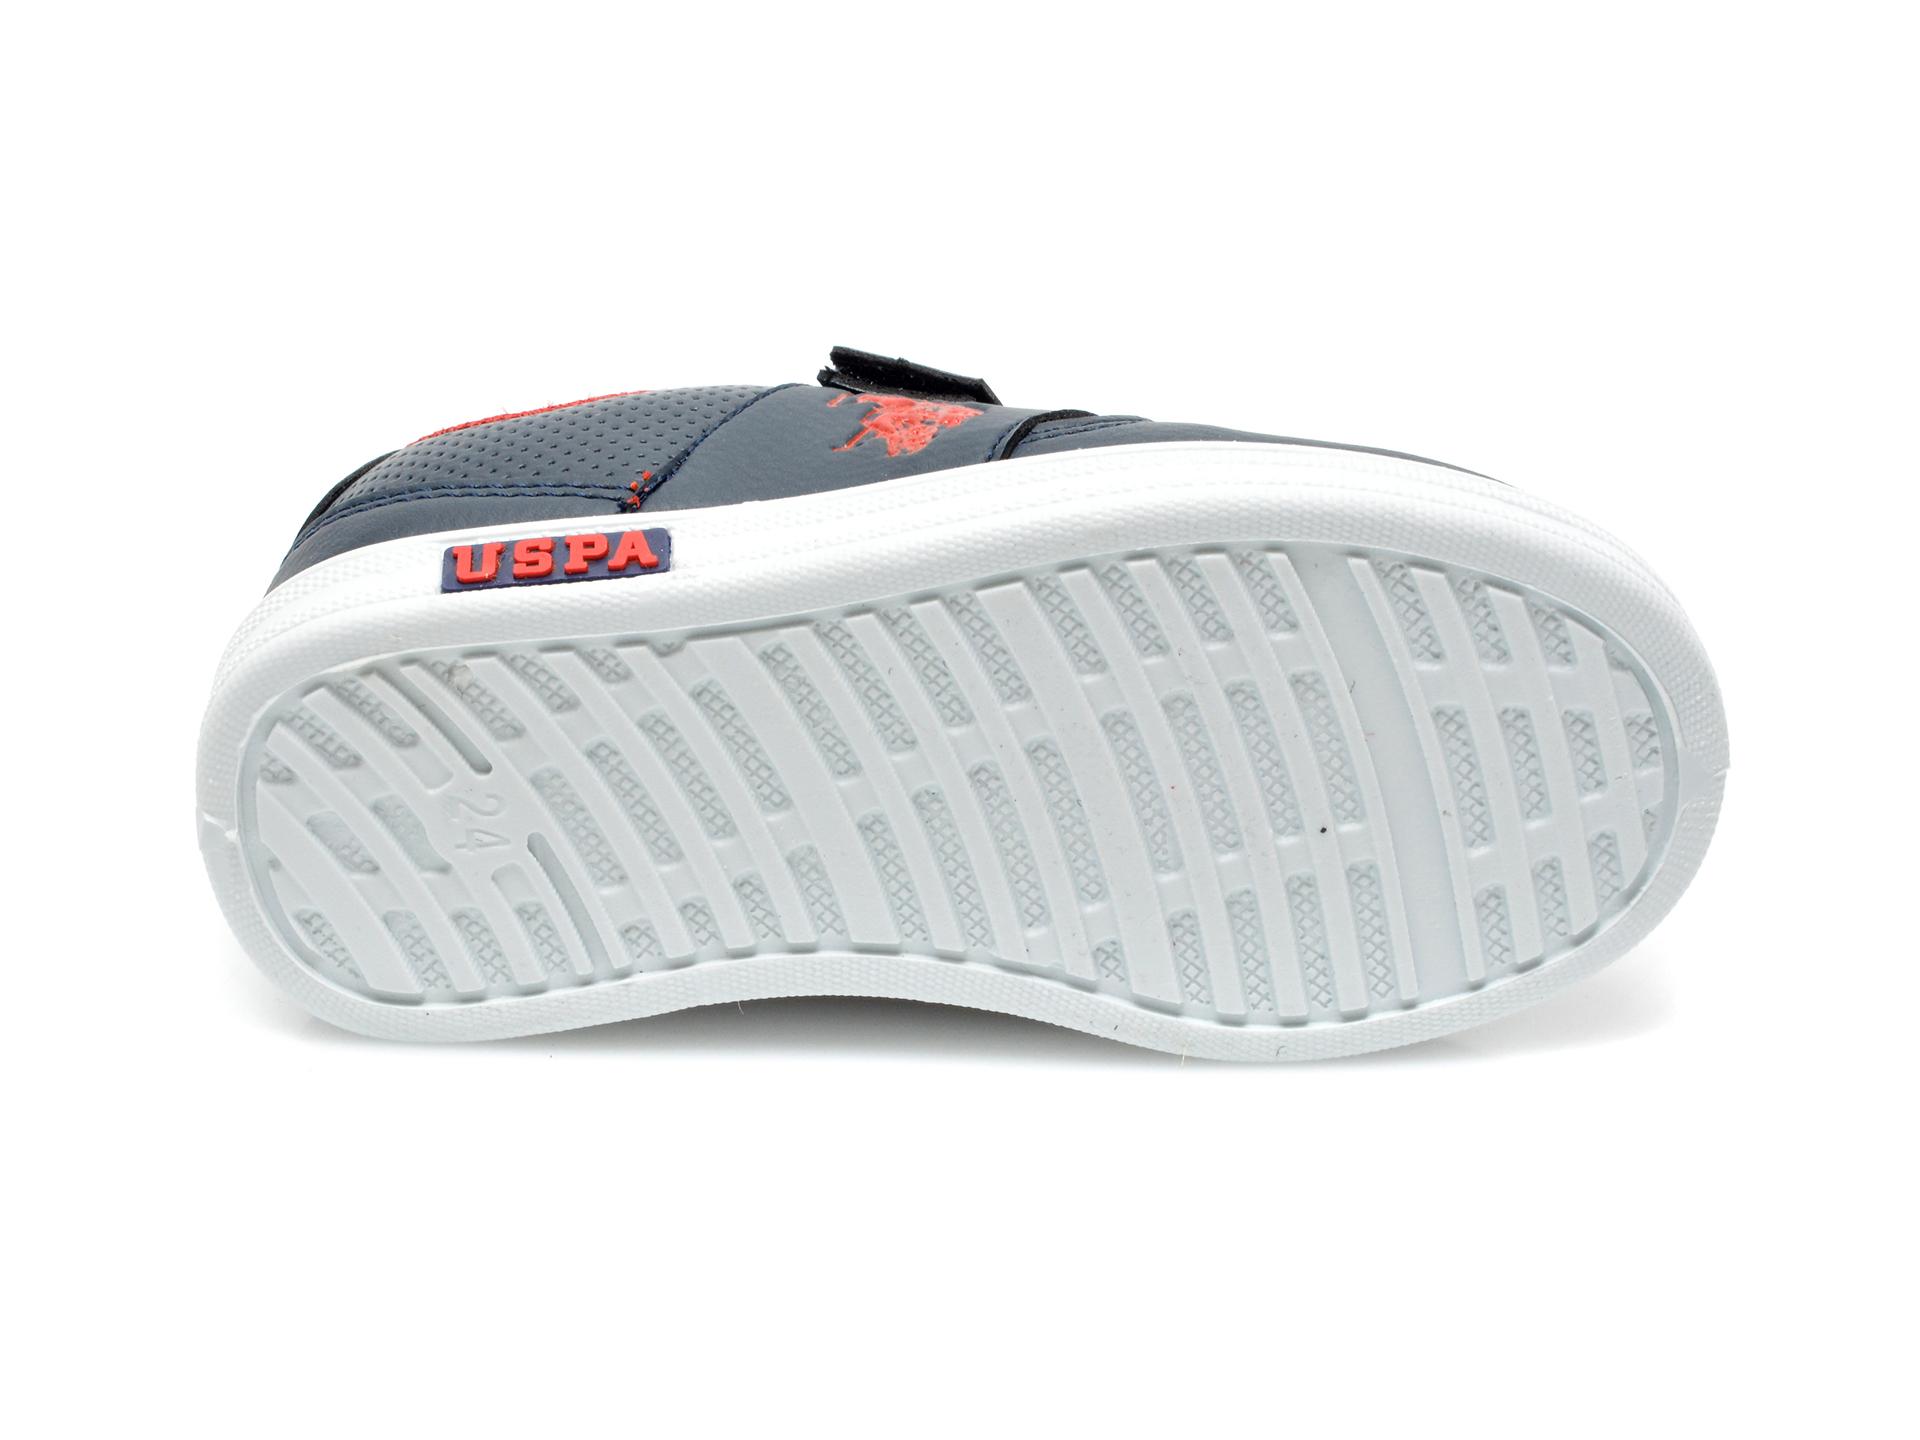 Pantofi sport US POLO ASSN bleumarin, CAME1FX, din piele ecologica - 7